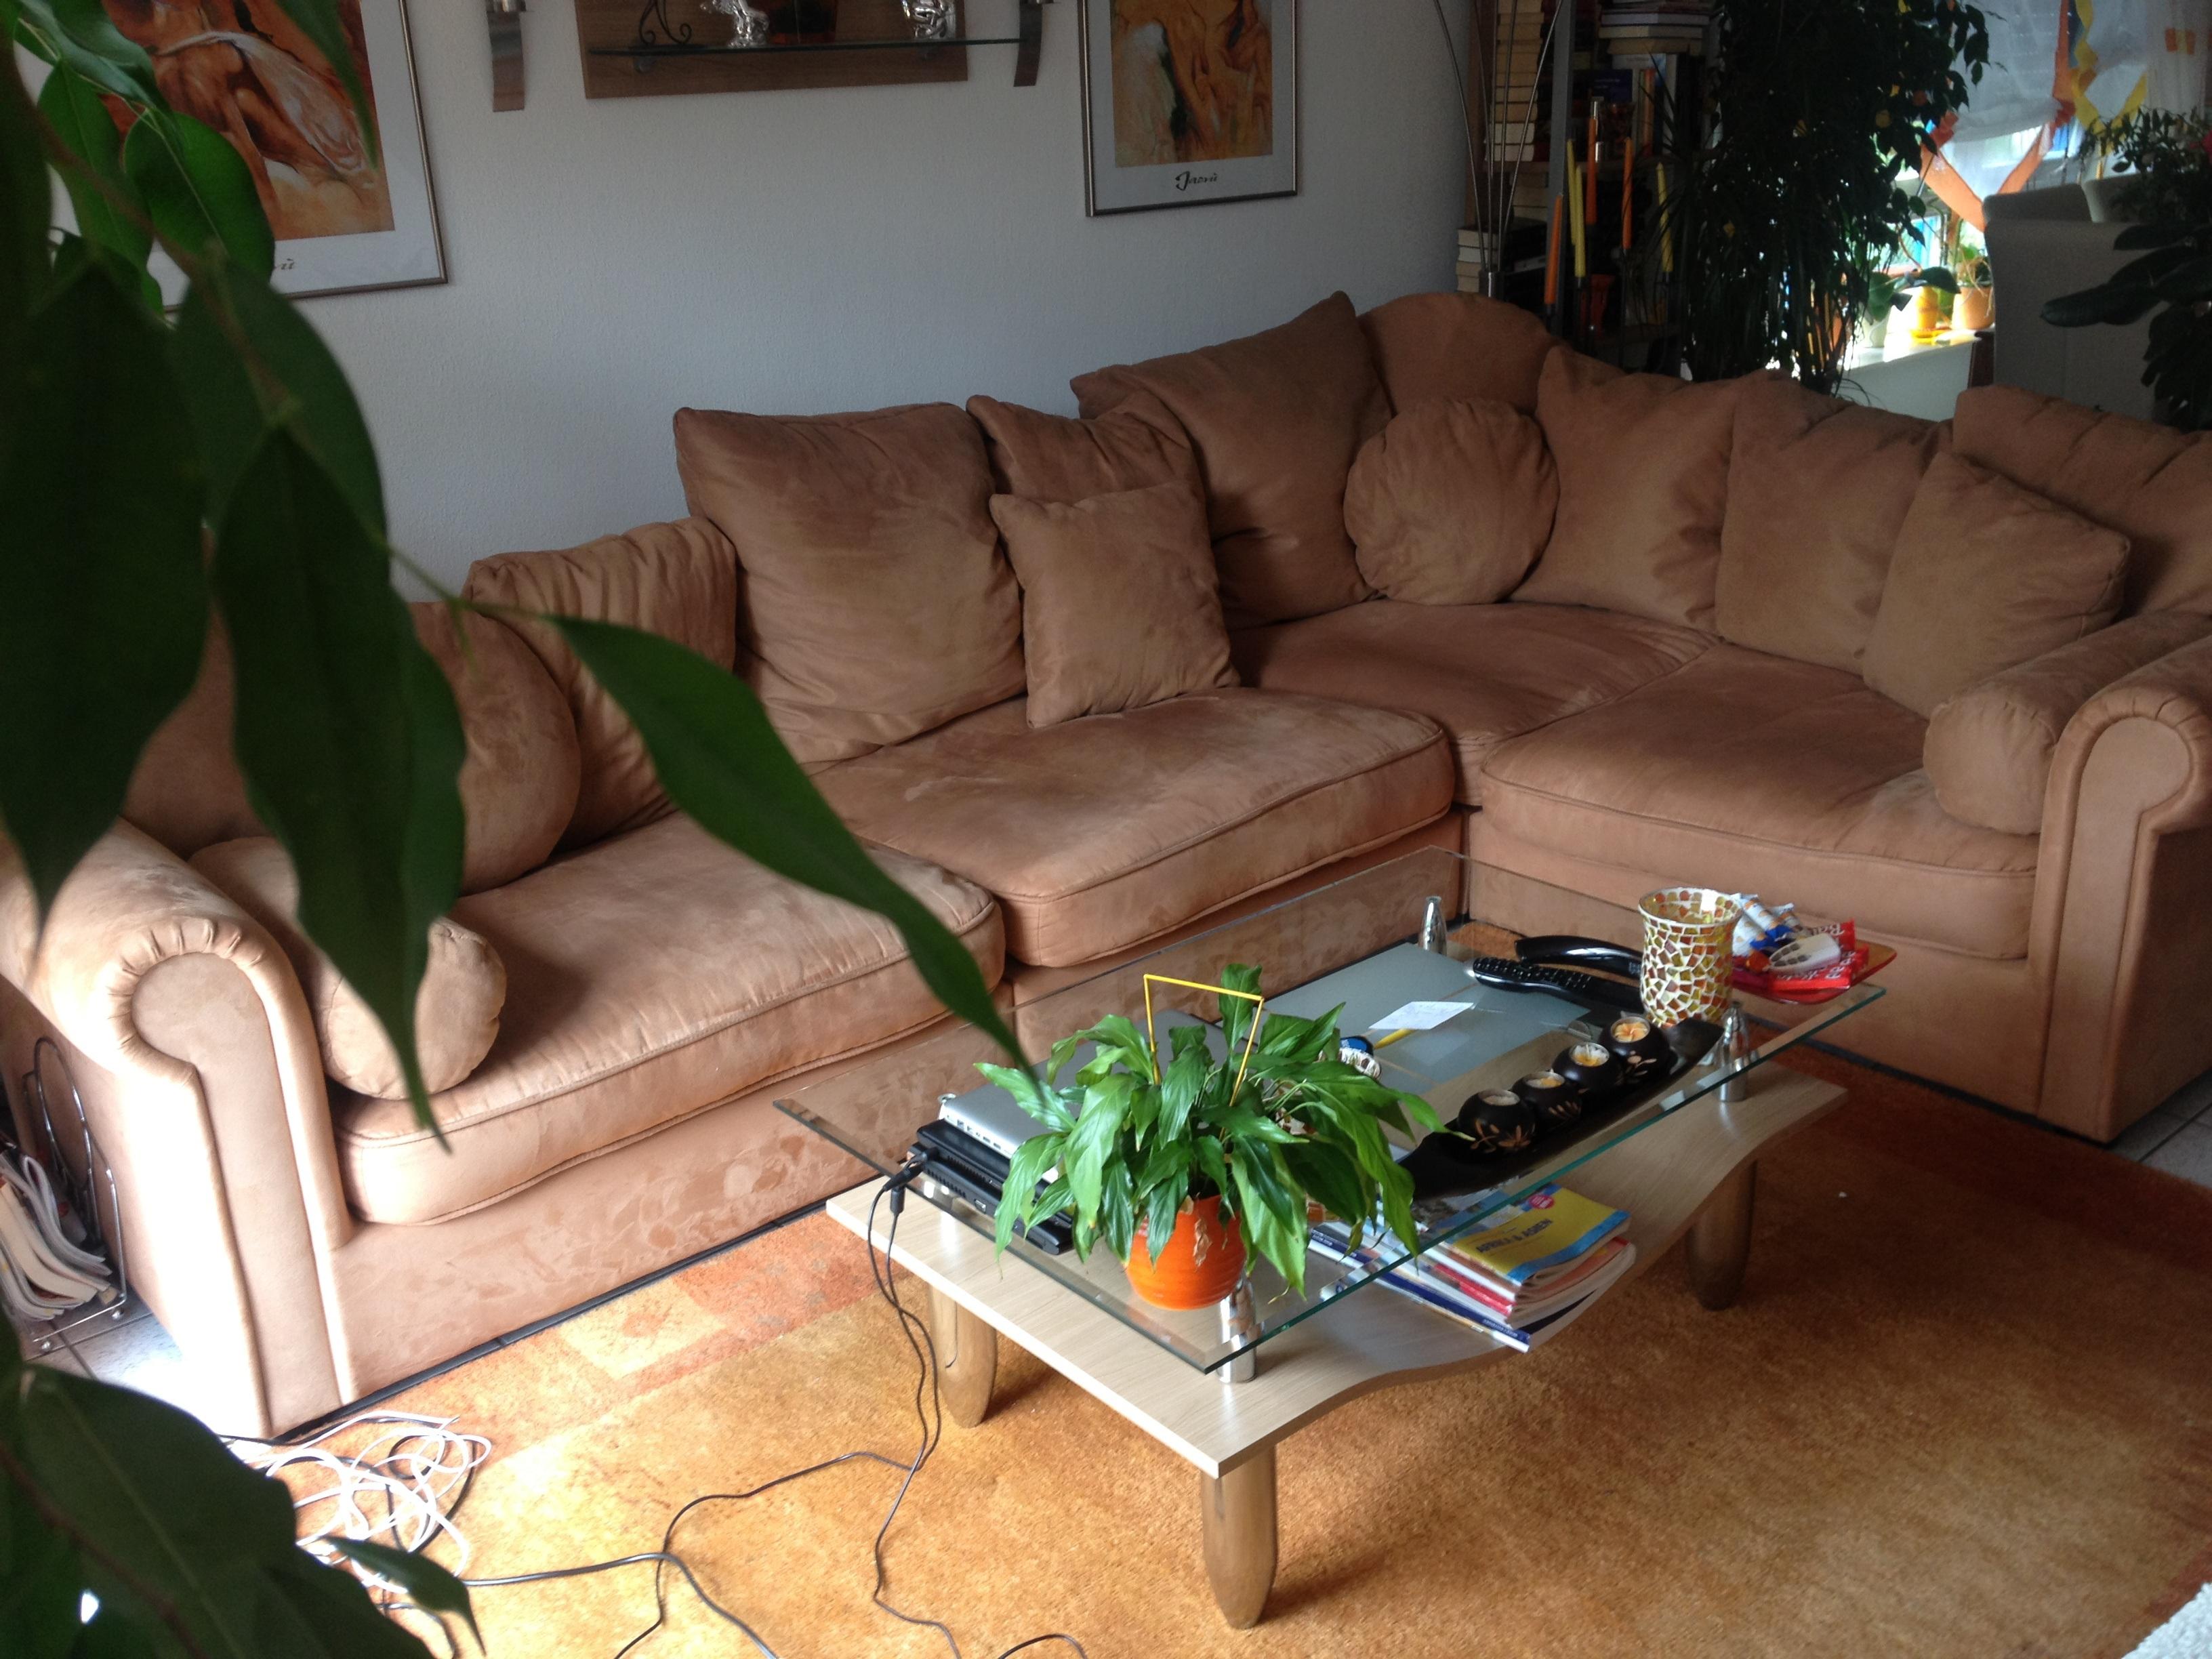 Gratis billeder : tabel, hjem, hyggeligt, ejendom, stue, møbel ...